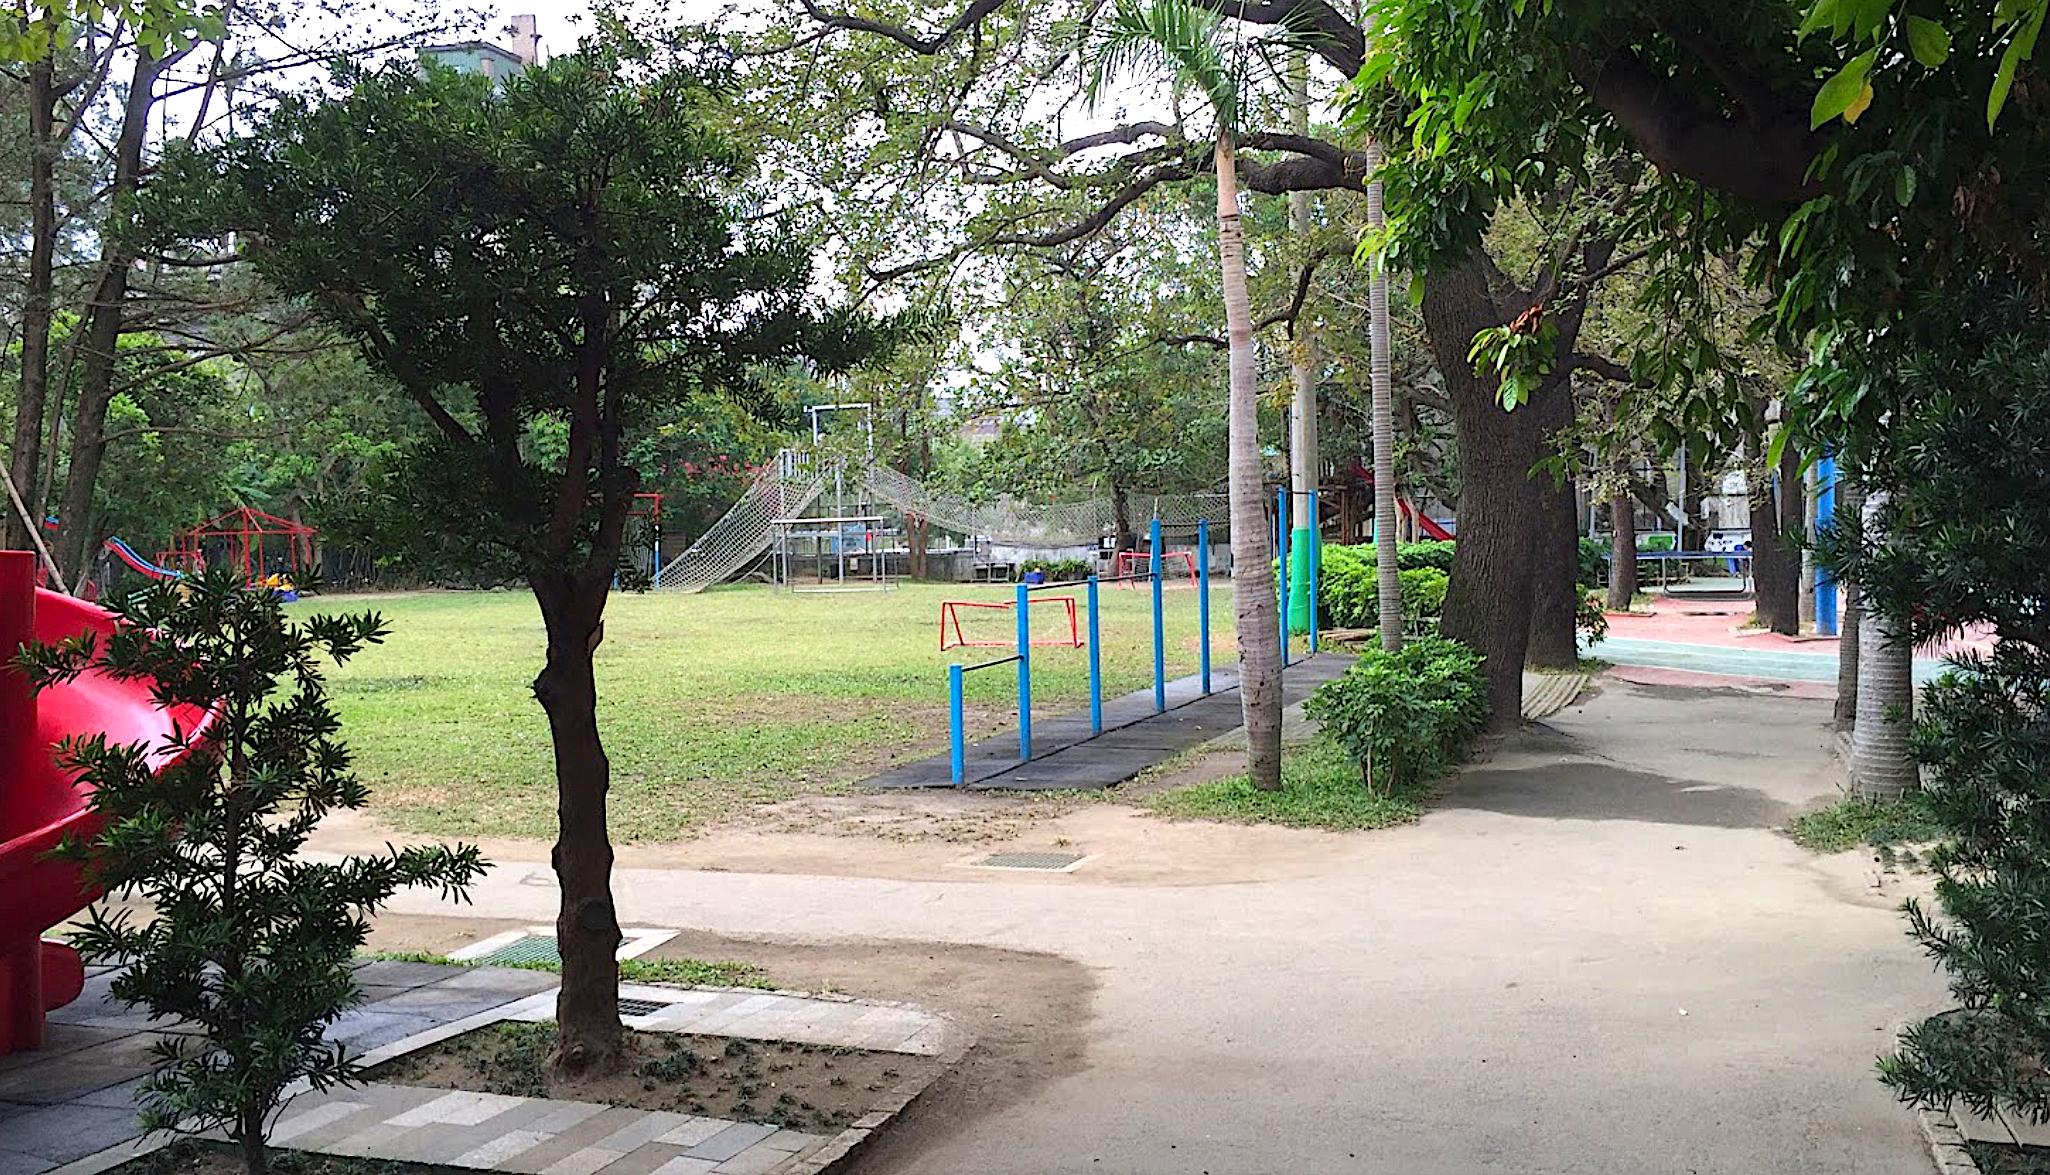 私立奎山中學 - 幼稚園到高中的雙語 IB 學校